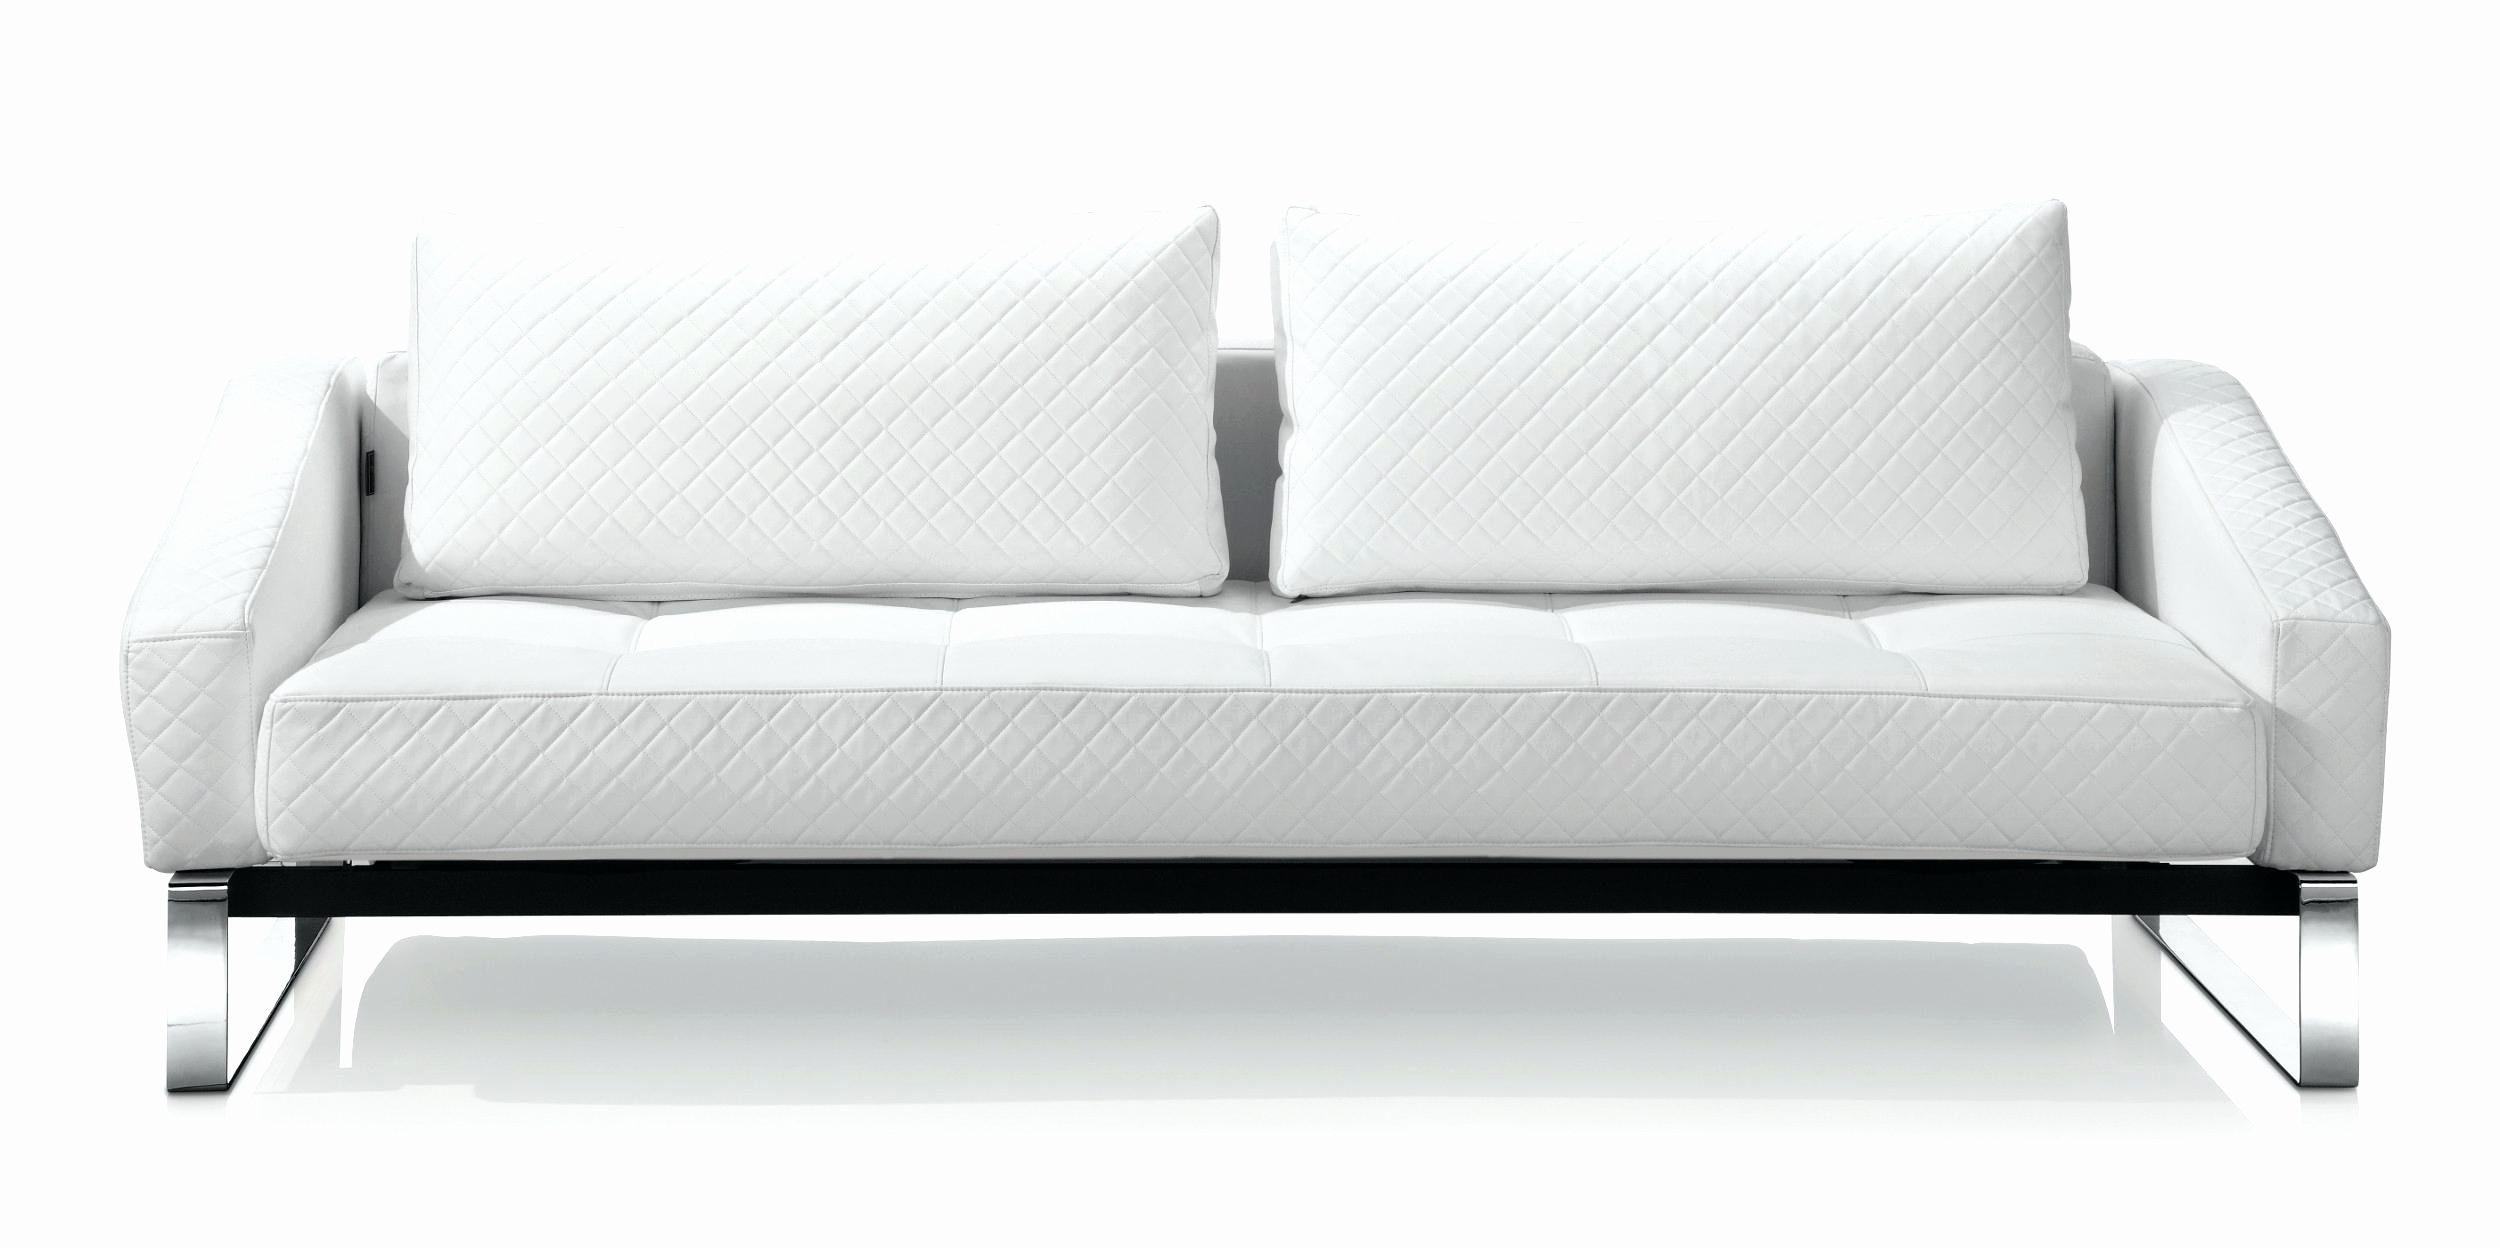 Fresh Modern Bed Sofa Images Beds Sofa Beds Modern Design Bed Form Furniture Modernist Sofa Check More At Ht Modern Sofa Modern Sofa Bed Contemporary Sofa Bed